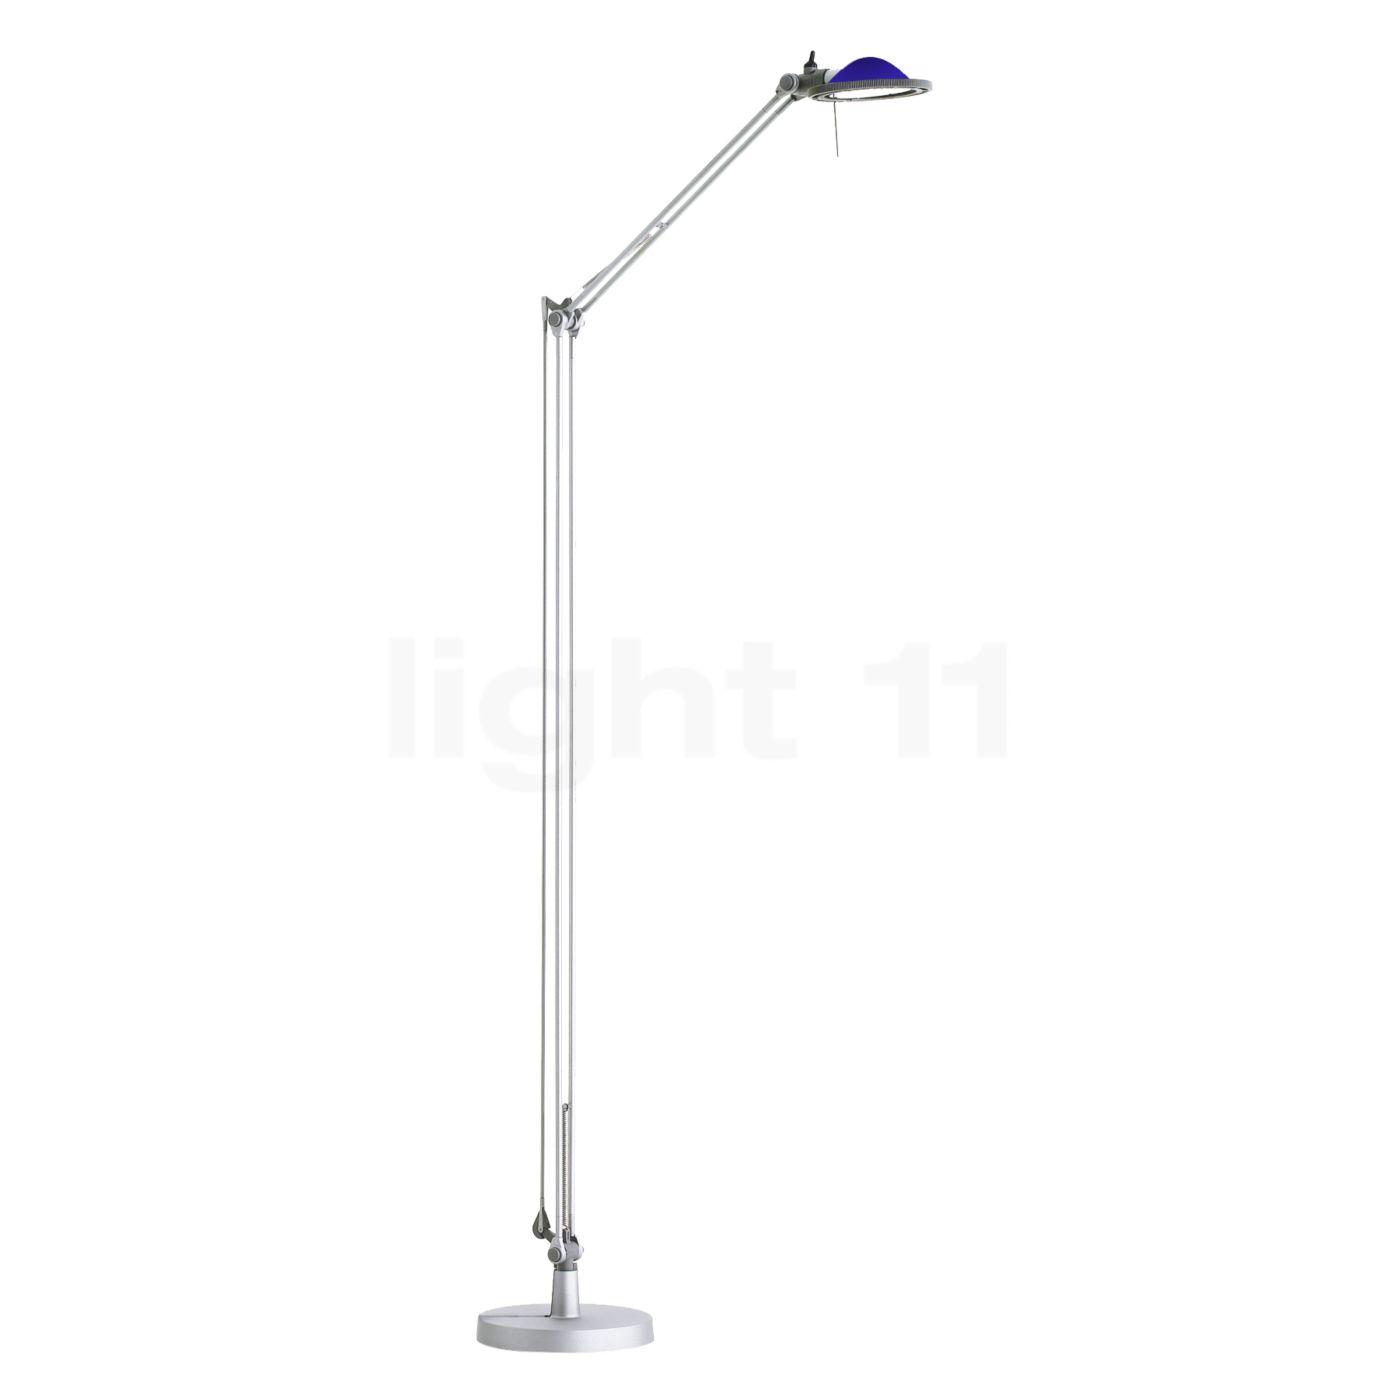 Luceplan berenice terra floor lamps buy at light11 mozeypictures Gallery